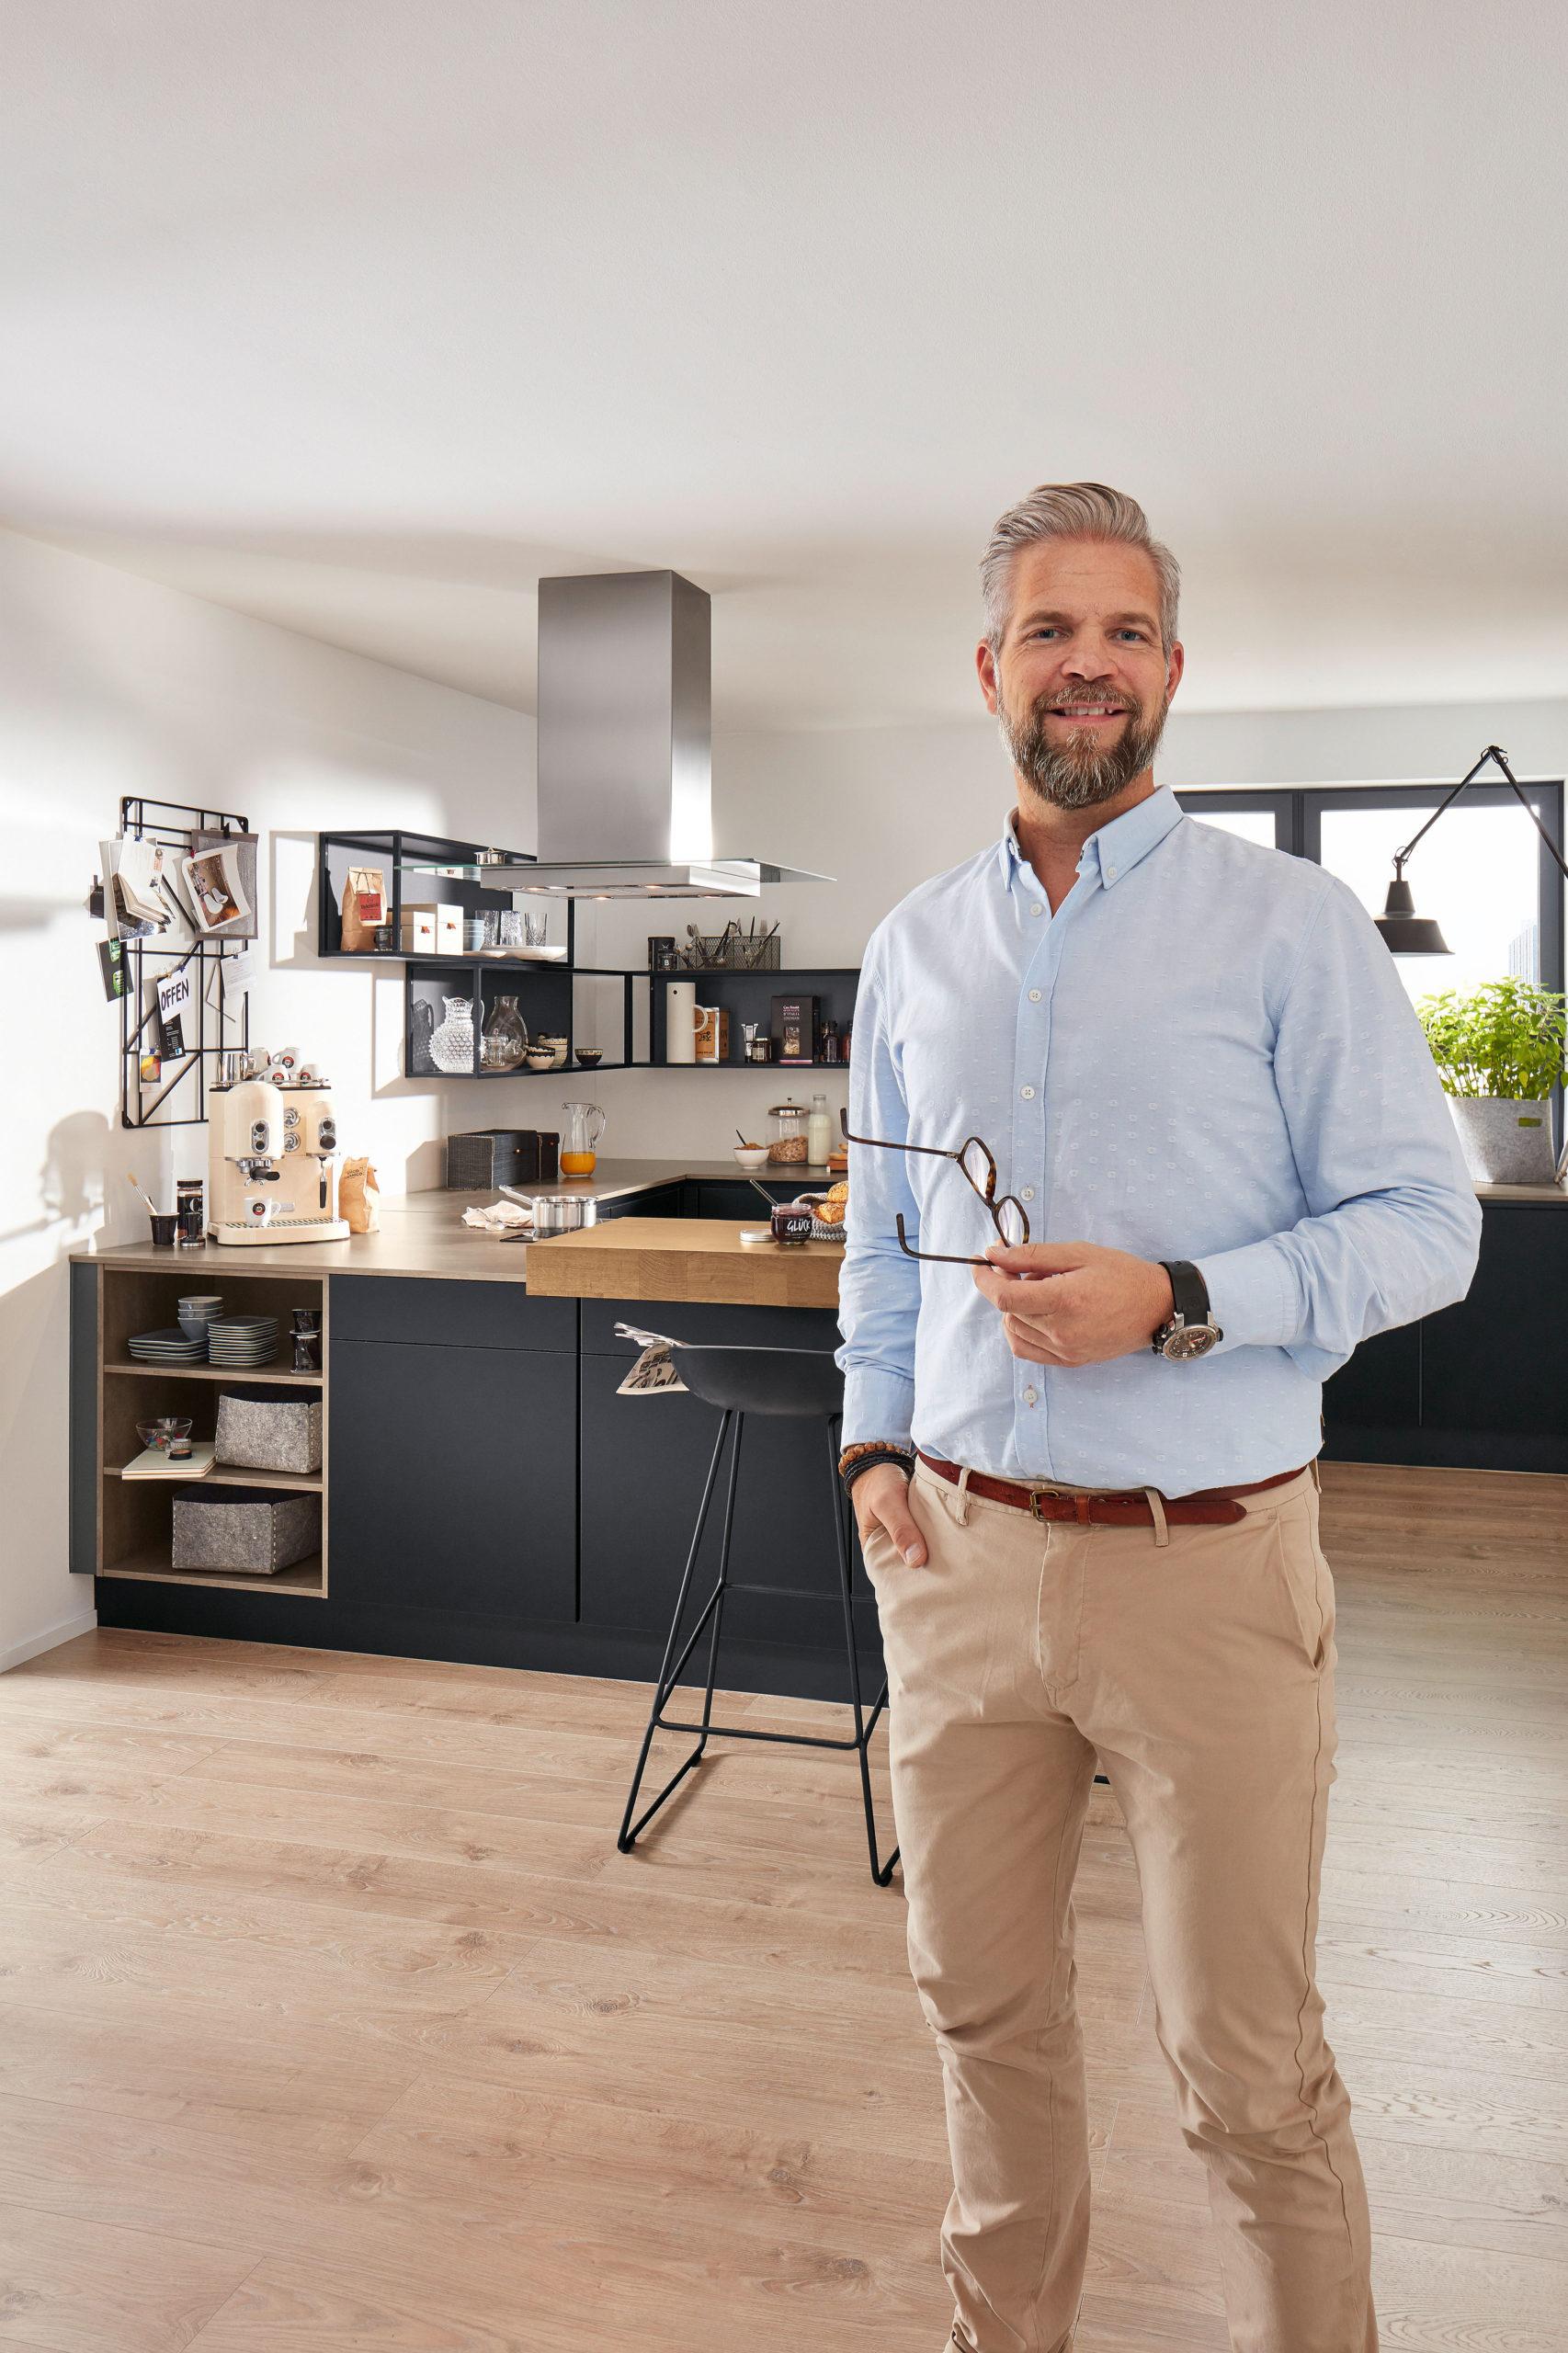 Planung und Ausstattung der Küche - Die Küche wird zum Homeoffice